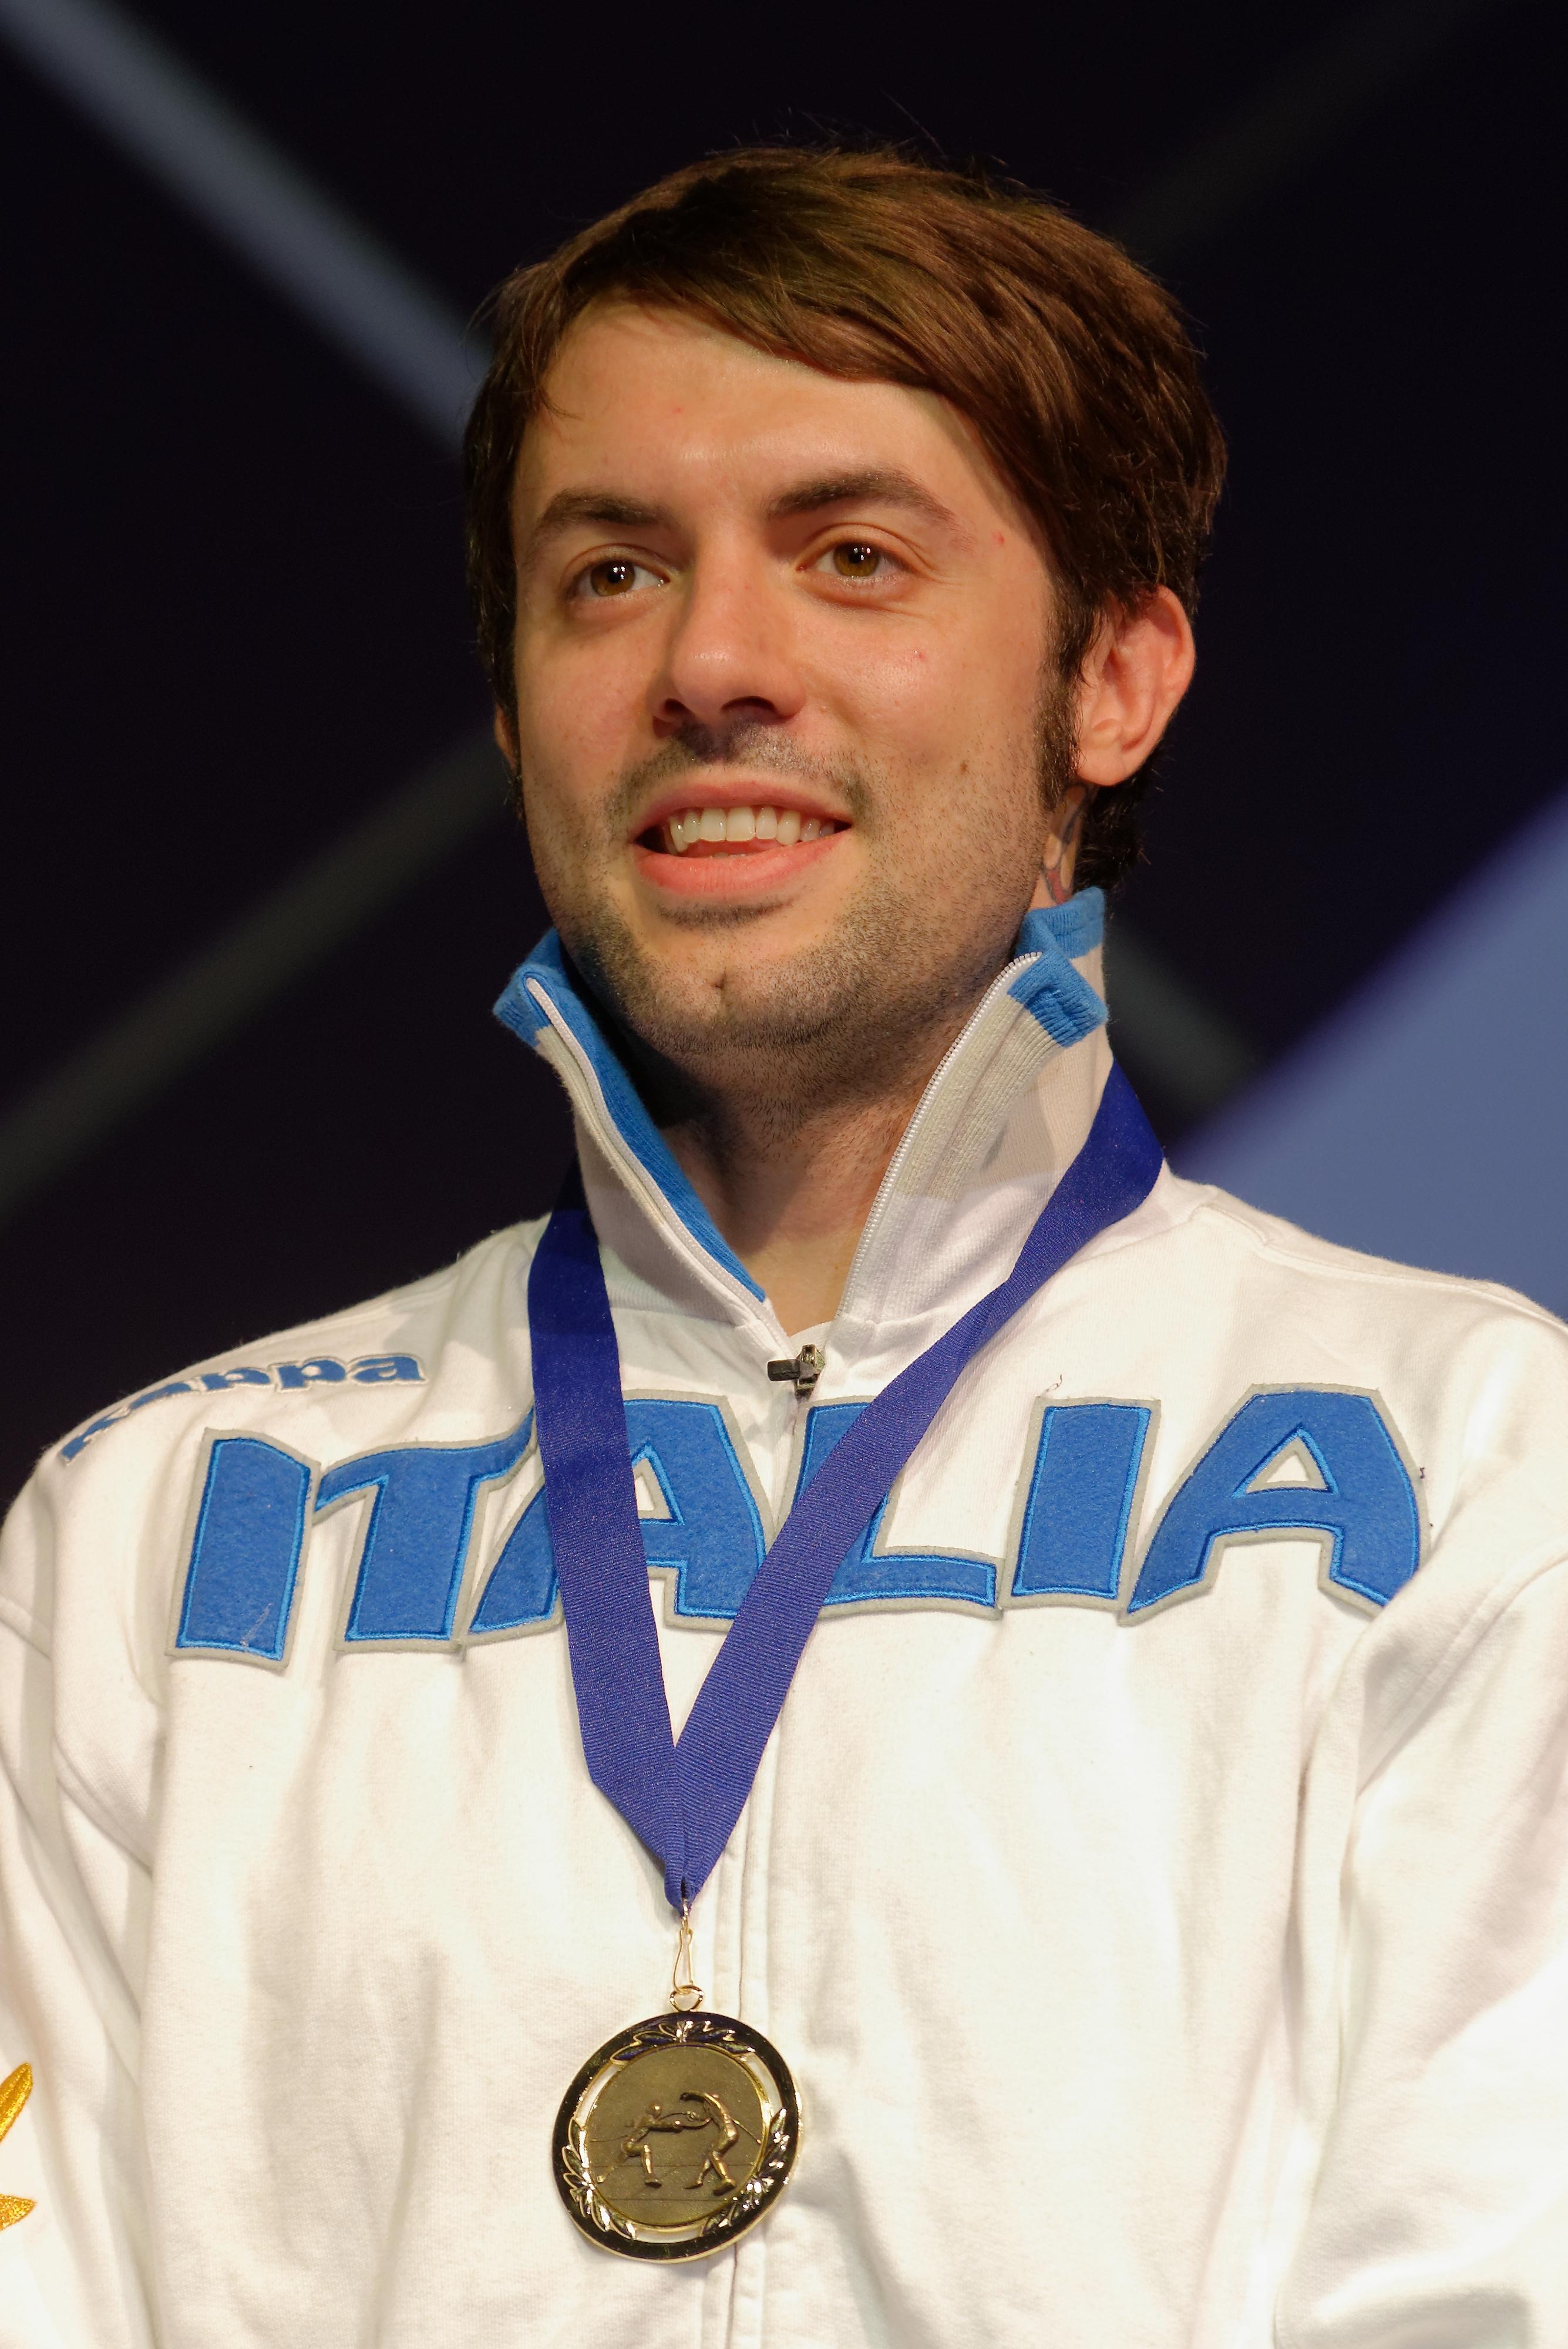 Matteo_Tagliariol_Challenge_RFF_team_t163228